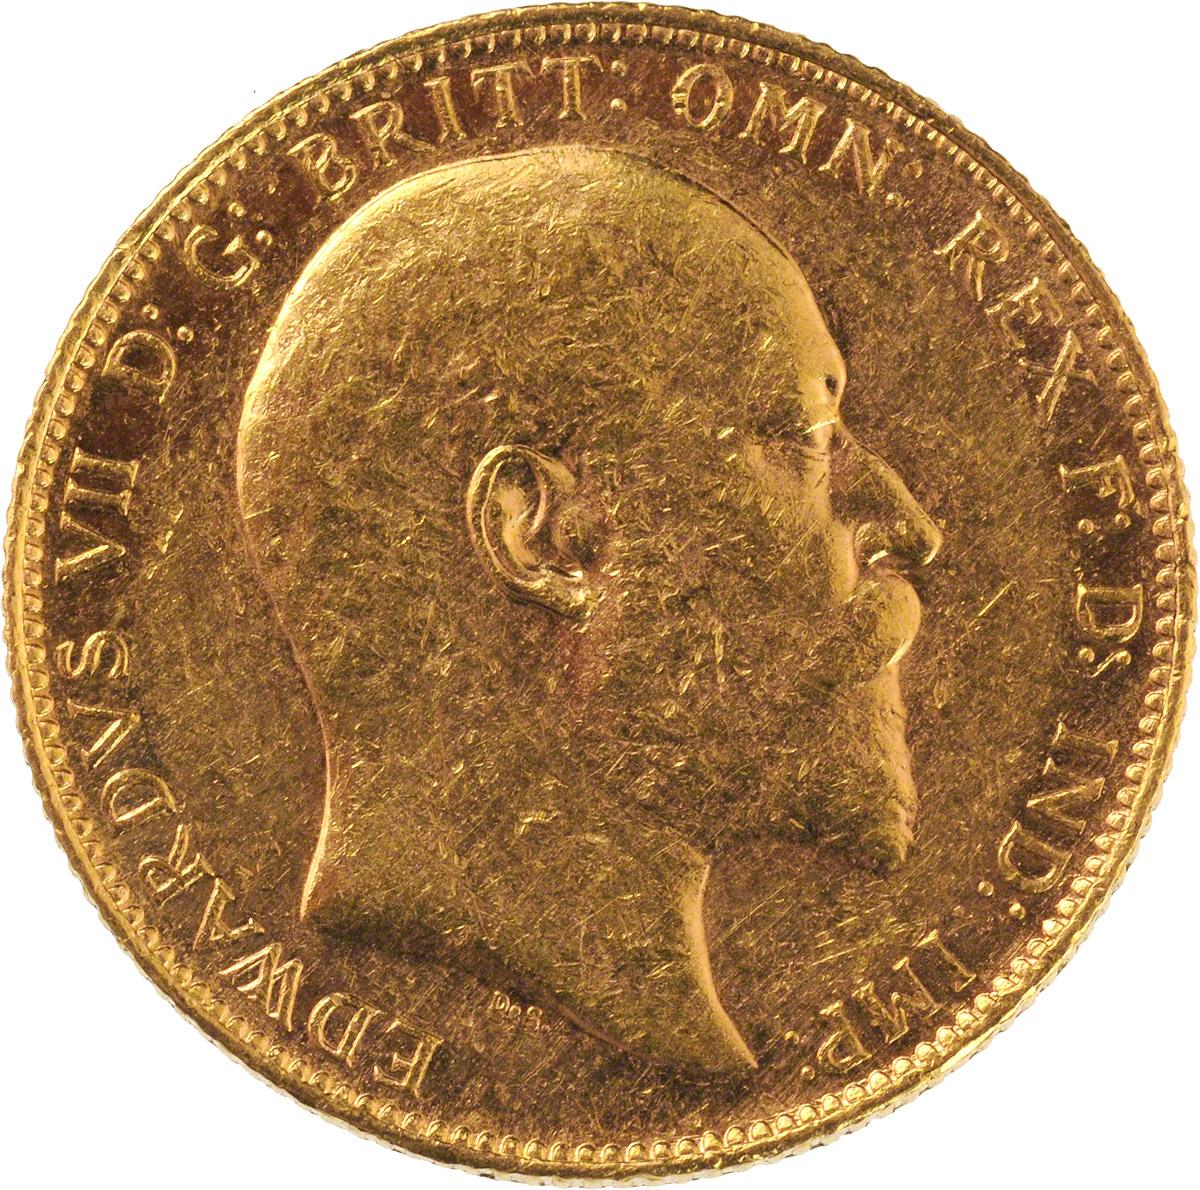 1902 Εδουάρδος Ζ' (Νομισματοκοπείο Περθ)